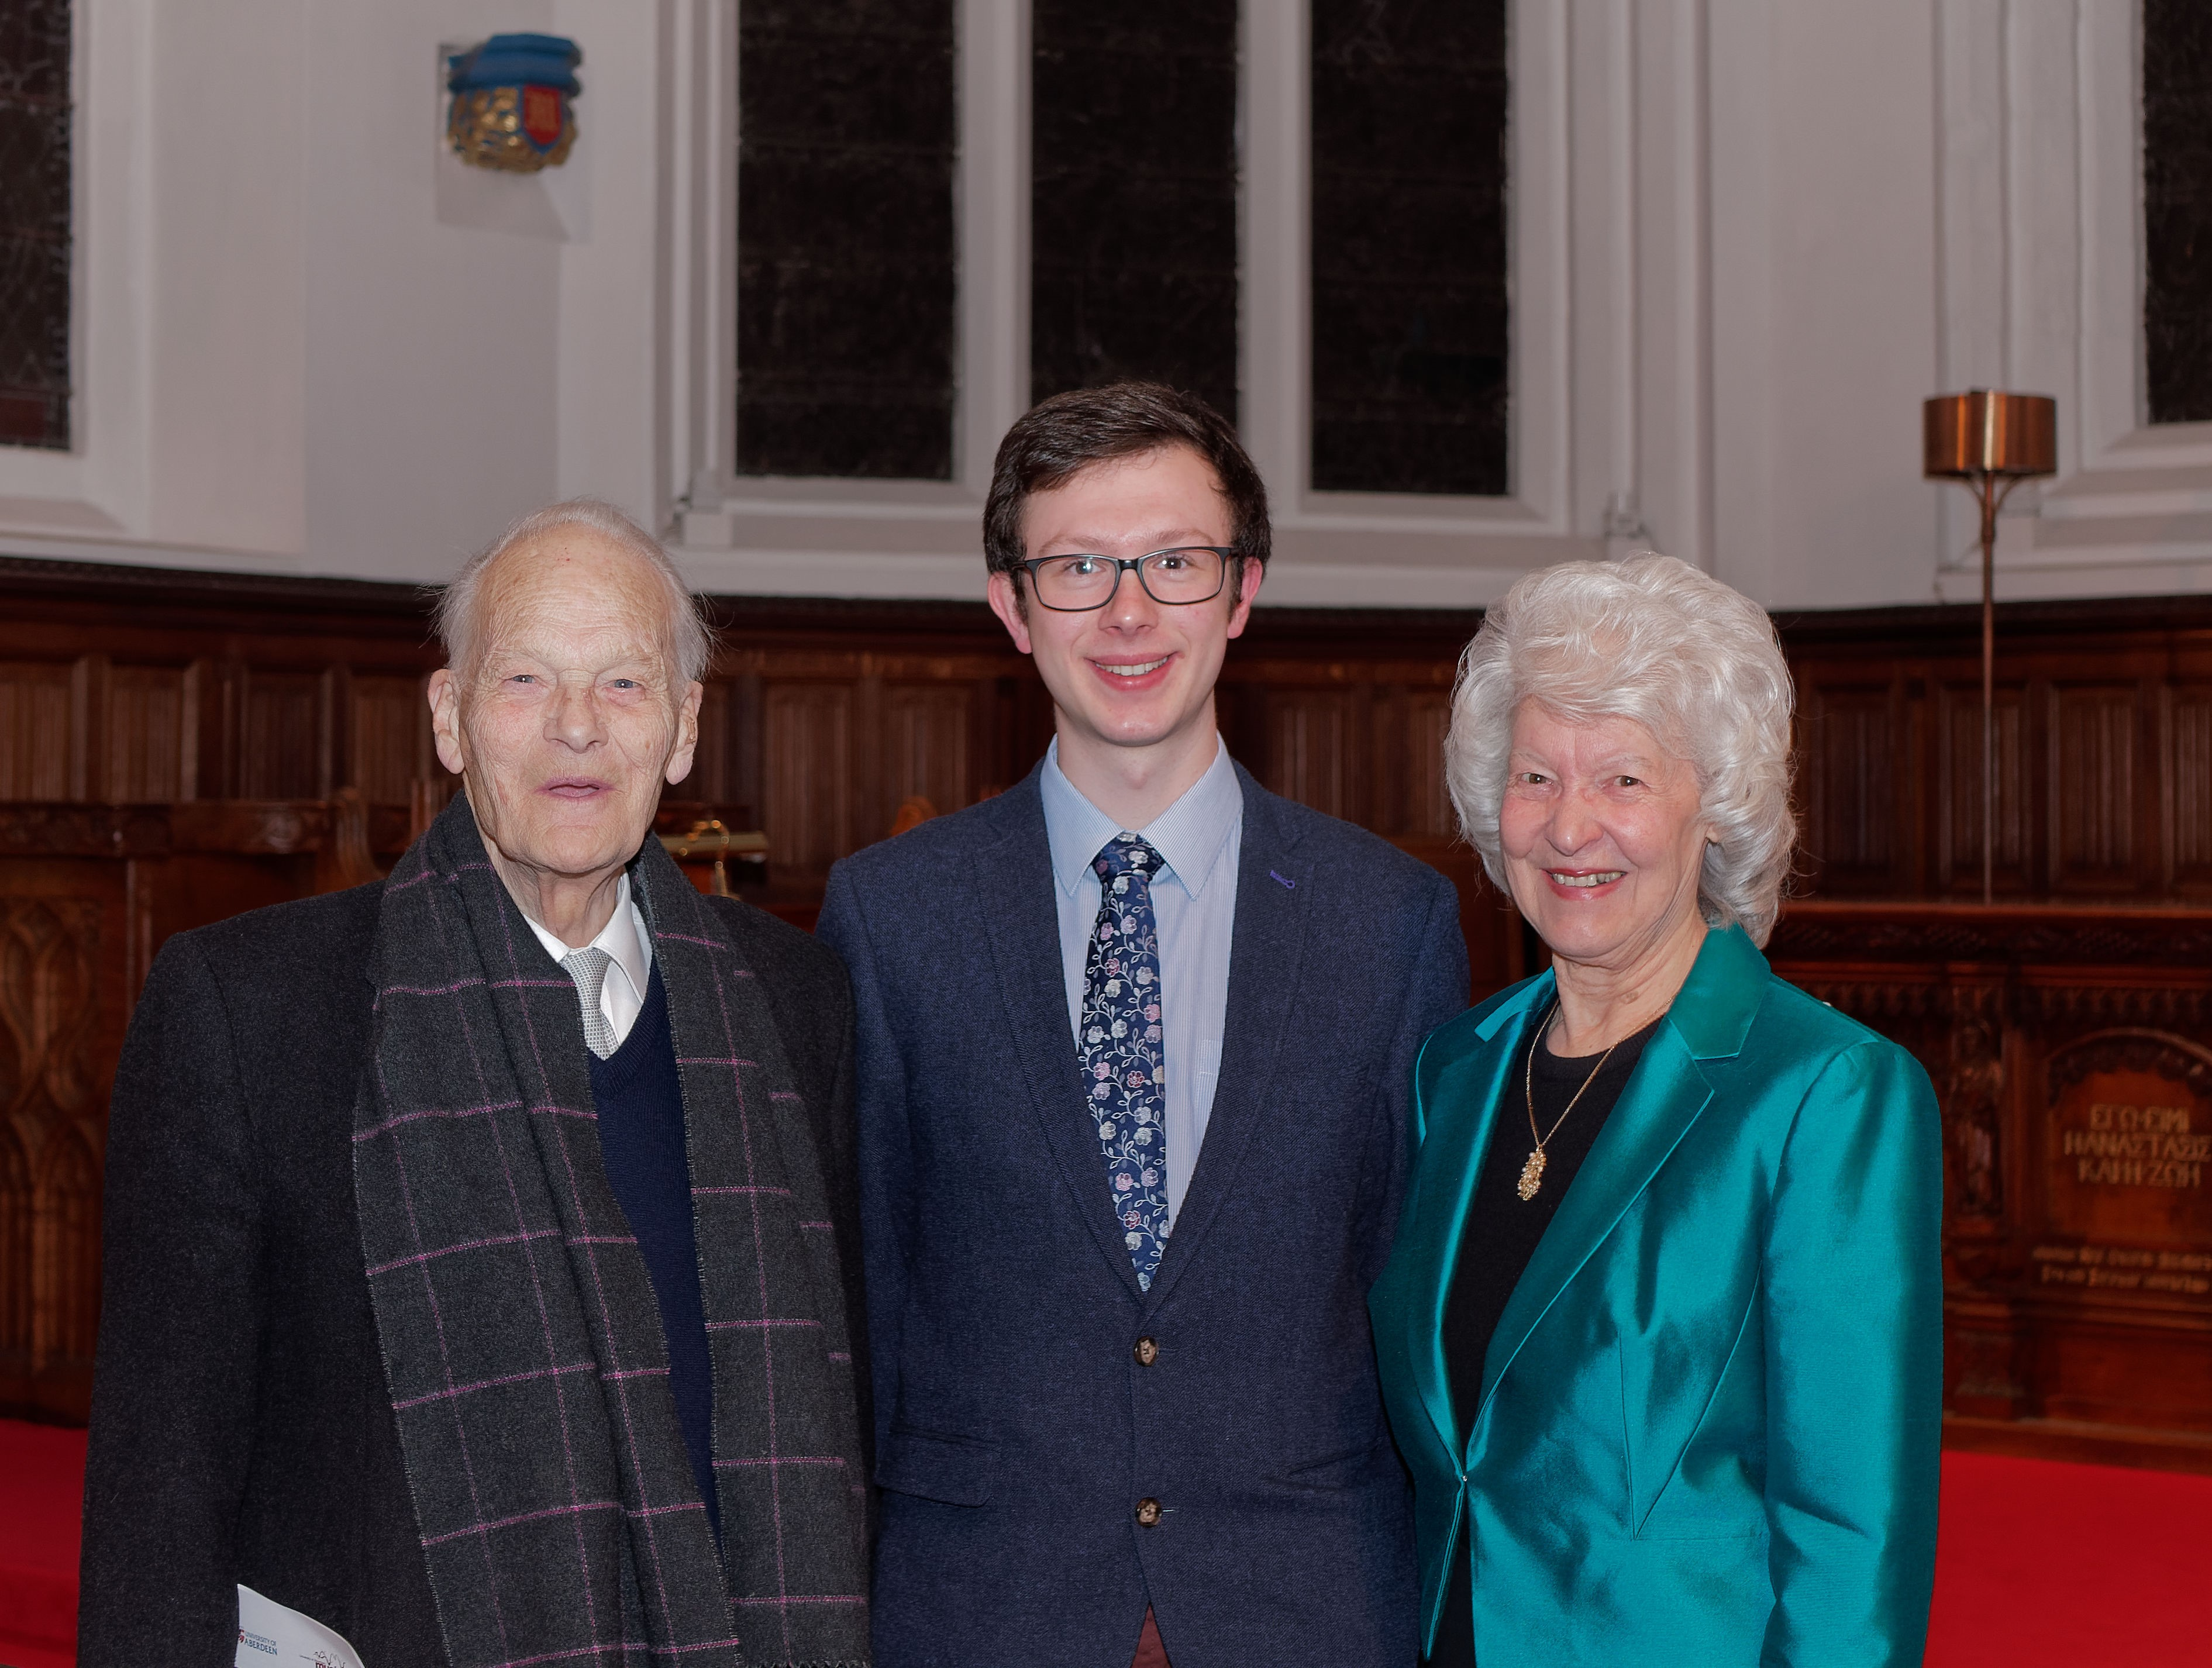 Professor Derek Ogston, James Aburn and Margaret Carlaw, Professor Ogston's cousin